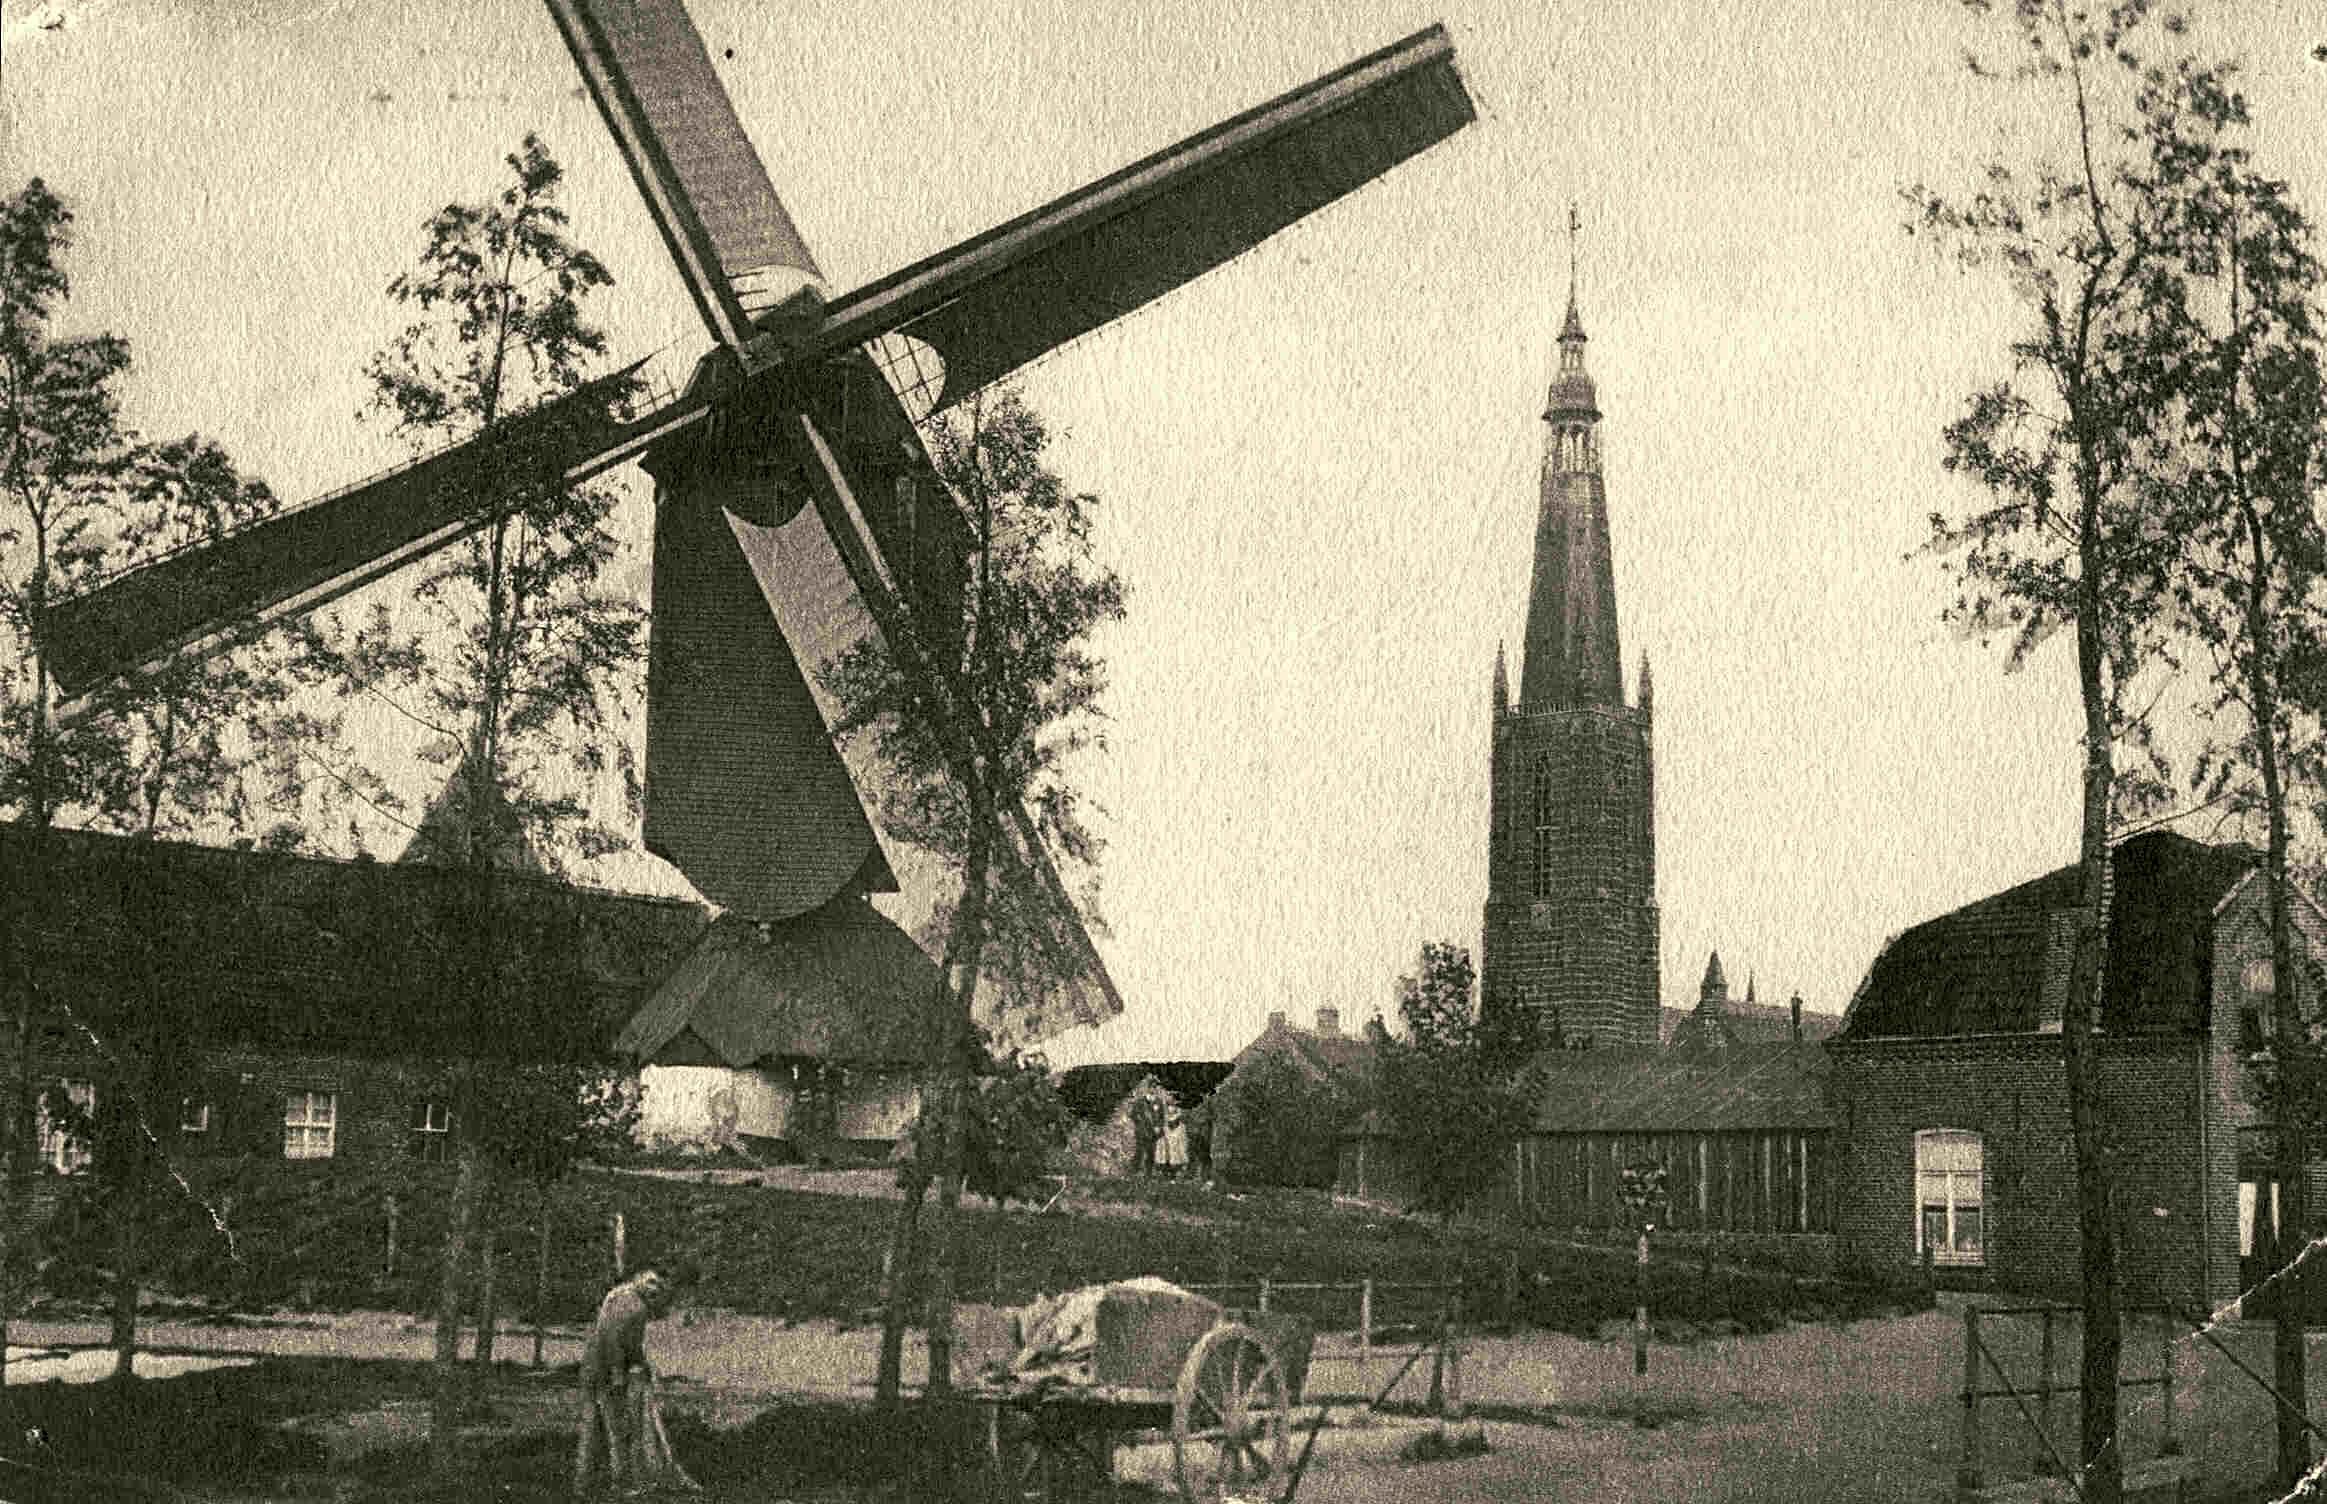 De Binnenmolen aan de Wal (huidige Wilhelminasingel) met op achtergrond de Martinuskerkoren. Ca 1910